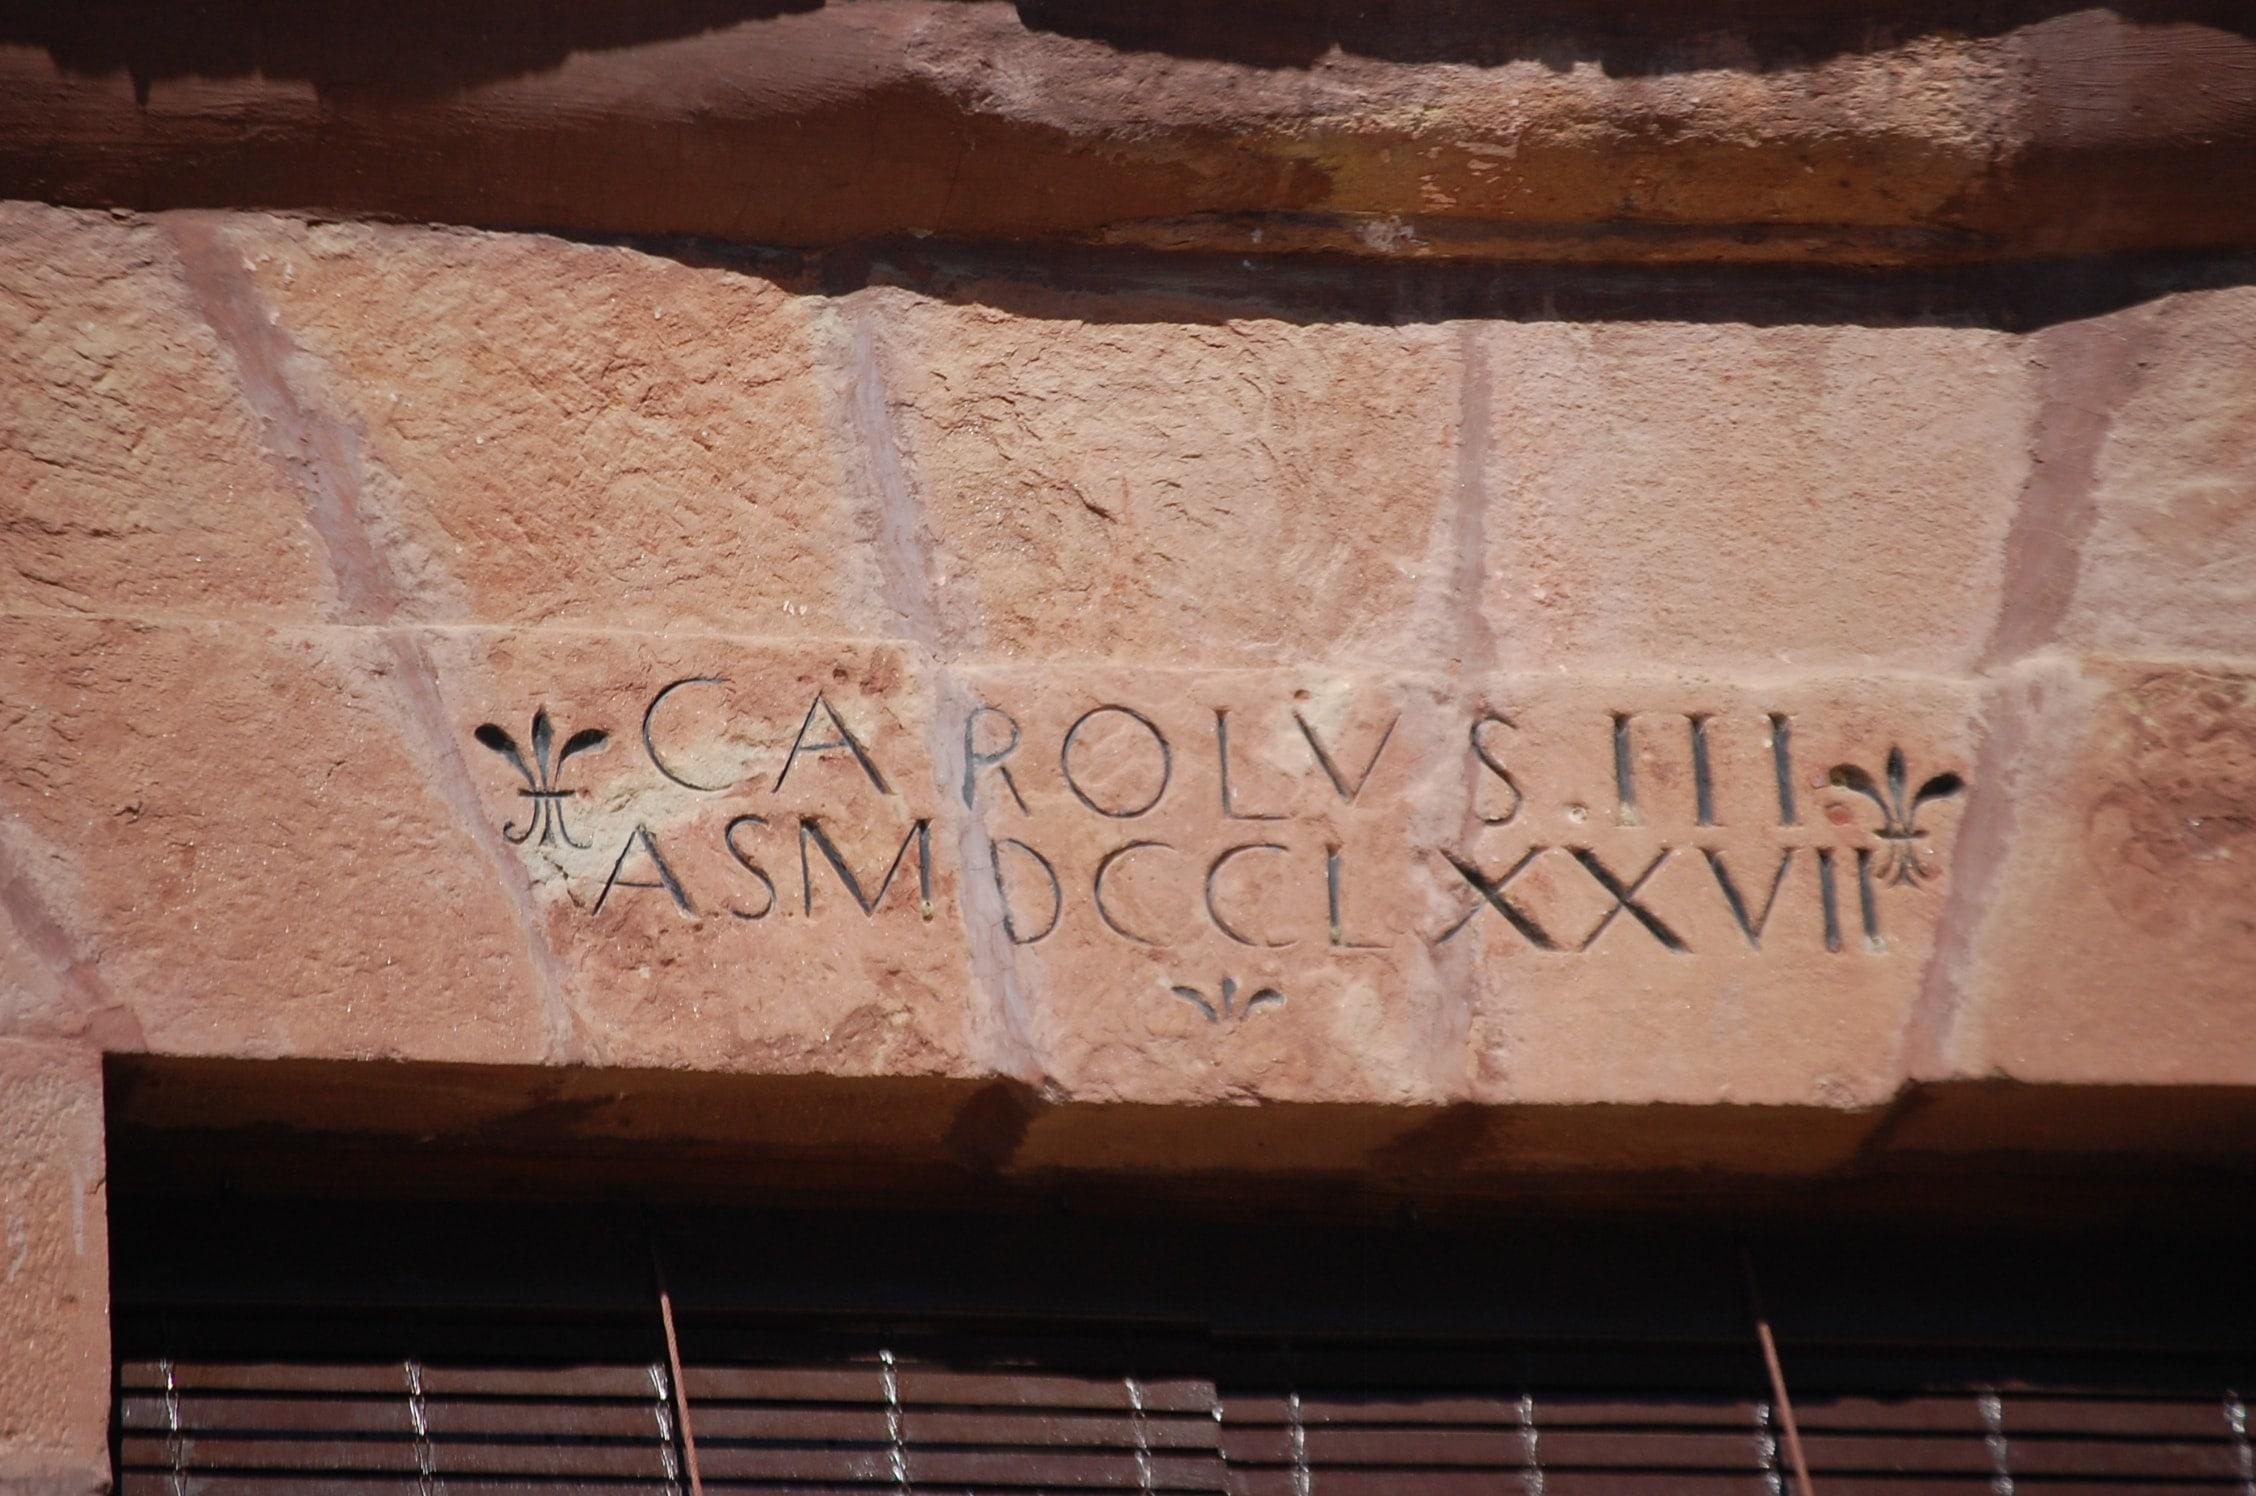 Antigua casa capitular. Edificio del s. XVIII decorado con piedra molinaza de la zona. Cuenta con una inscripción